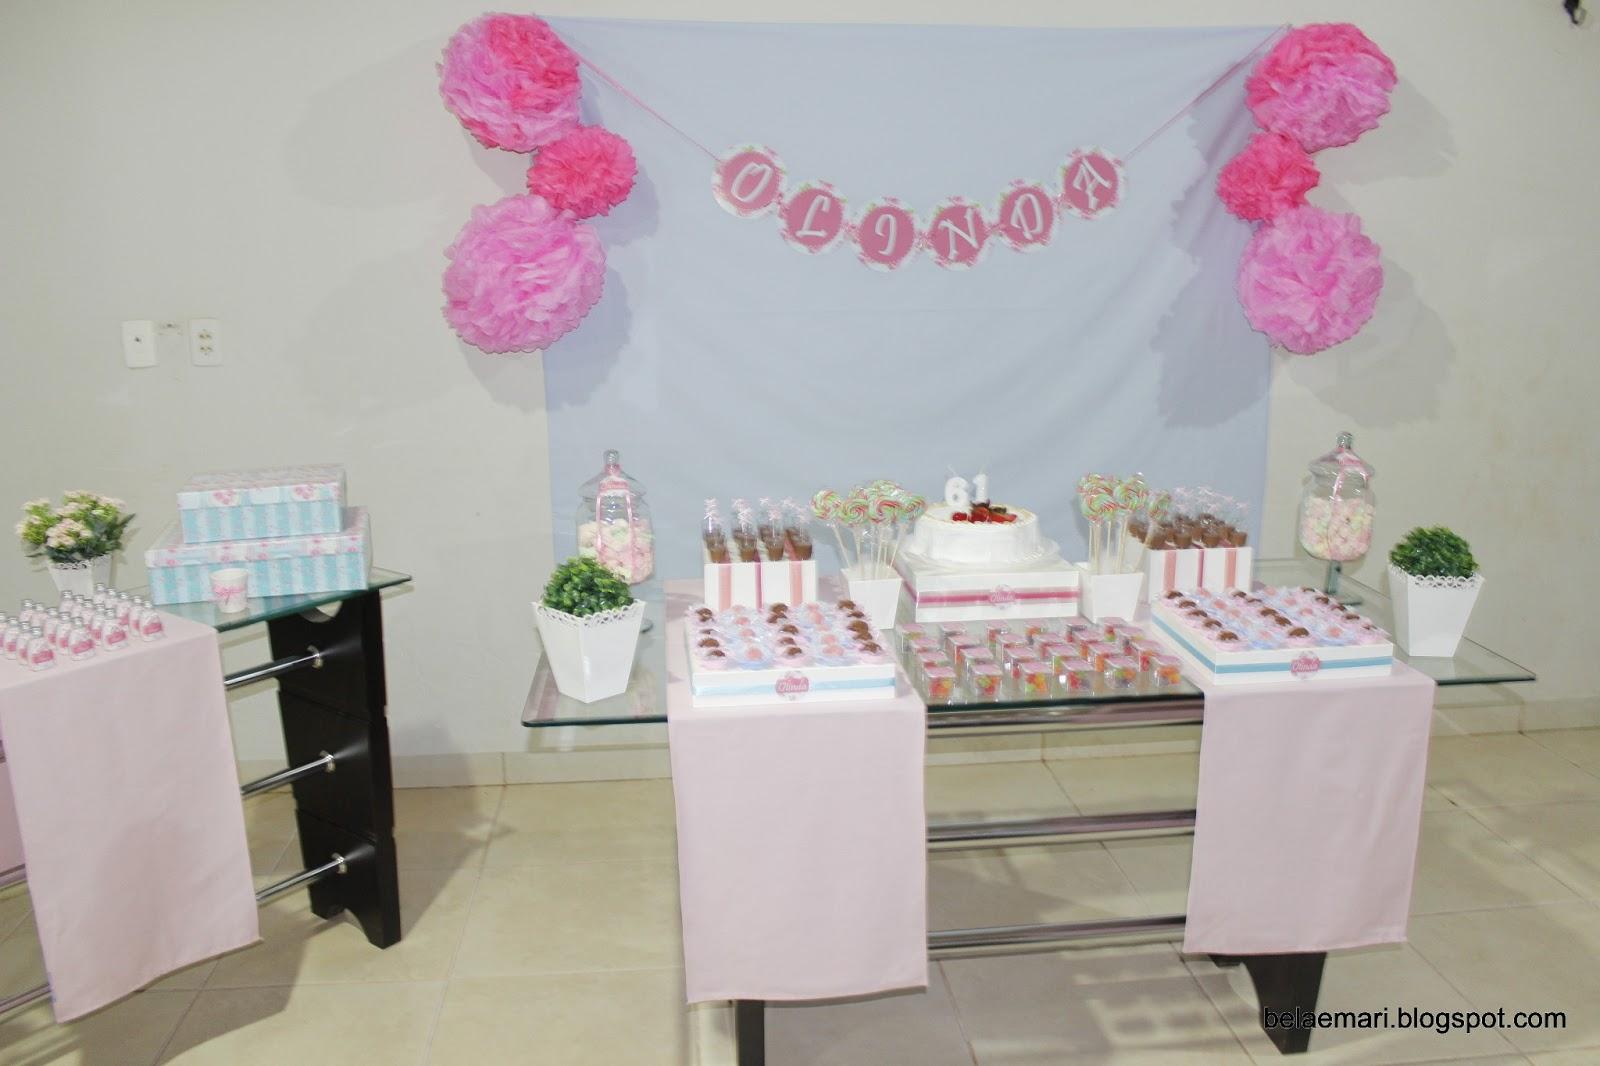 decoracao festa vovó:Blog Bela e Mari: Decoração: Aniversário da Vovó